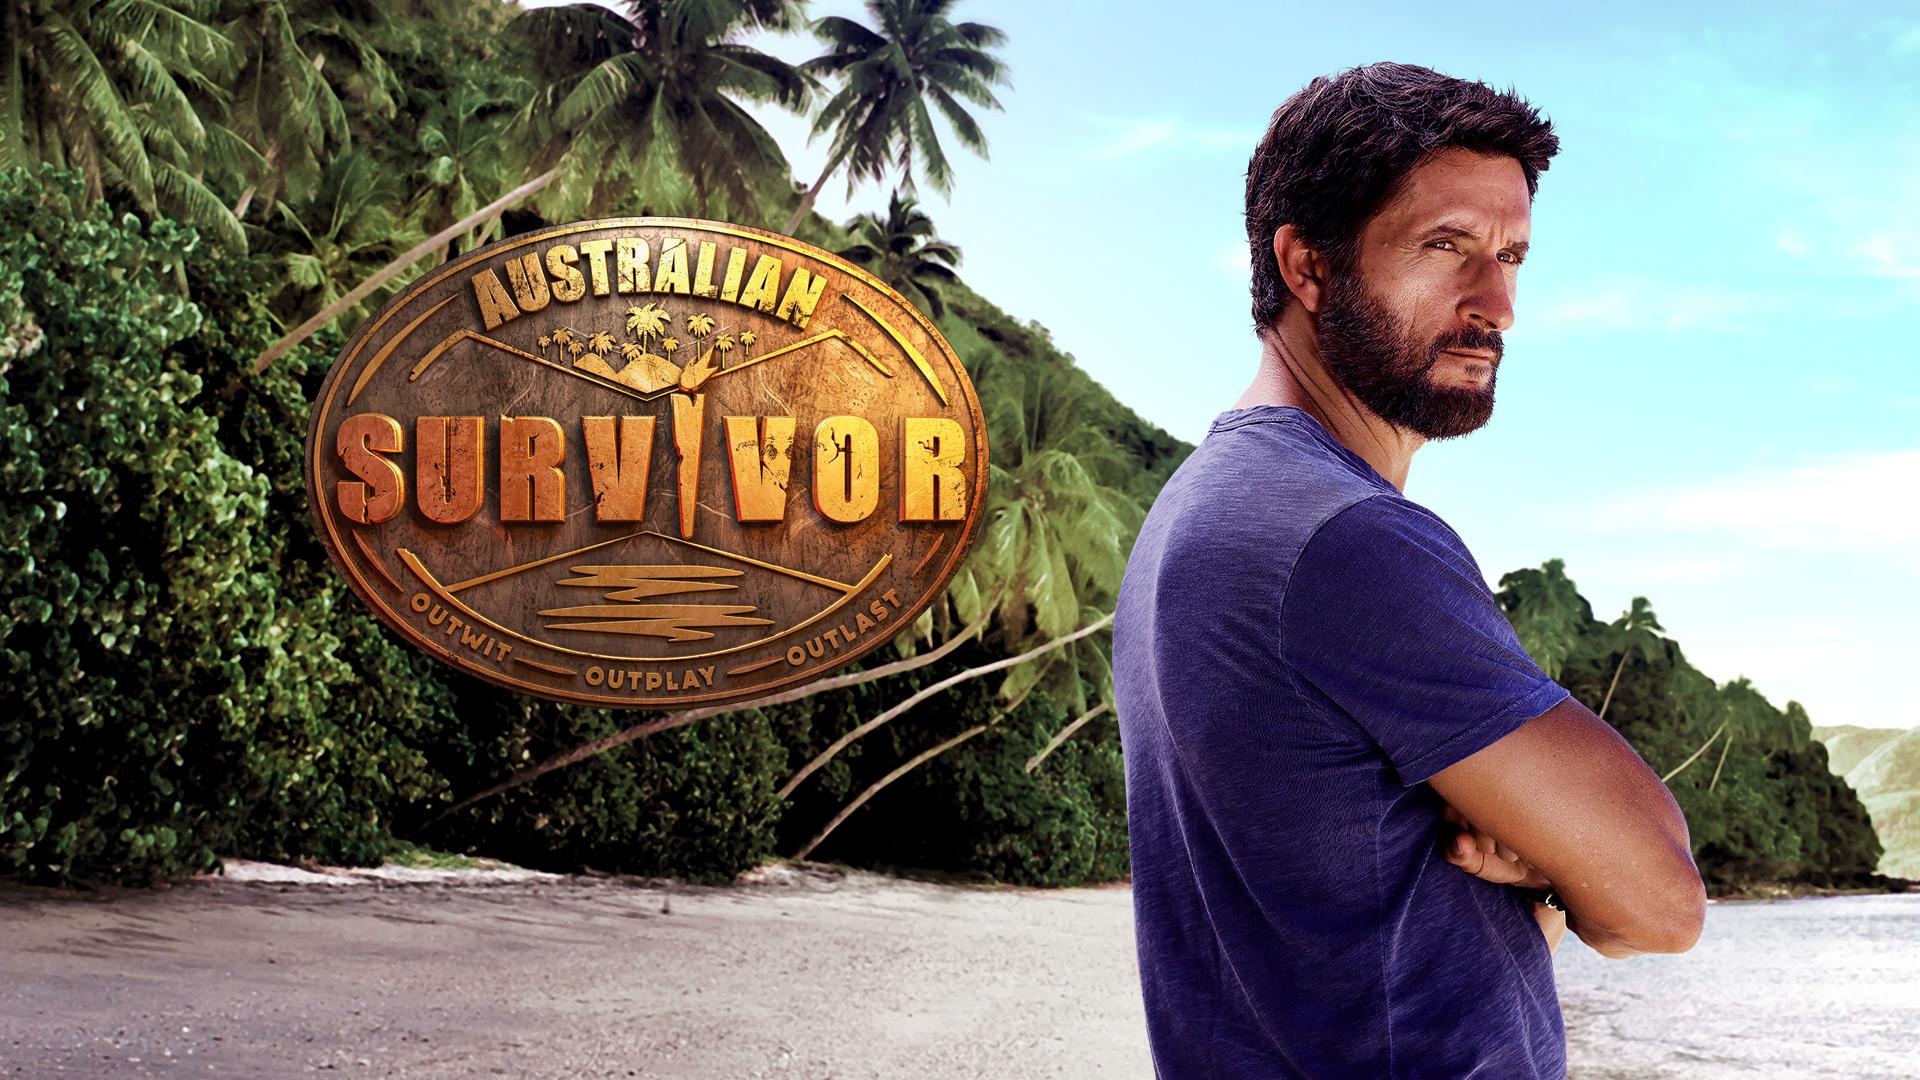 Australian Survivor Season 4